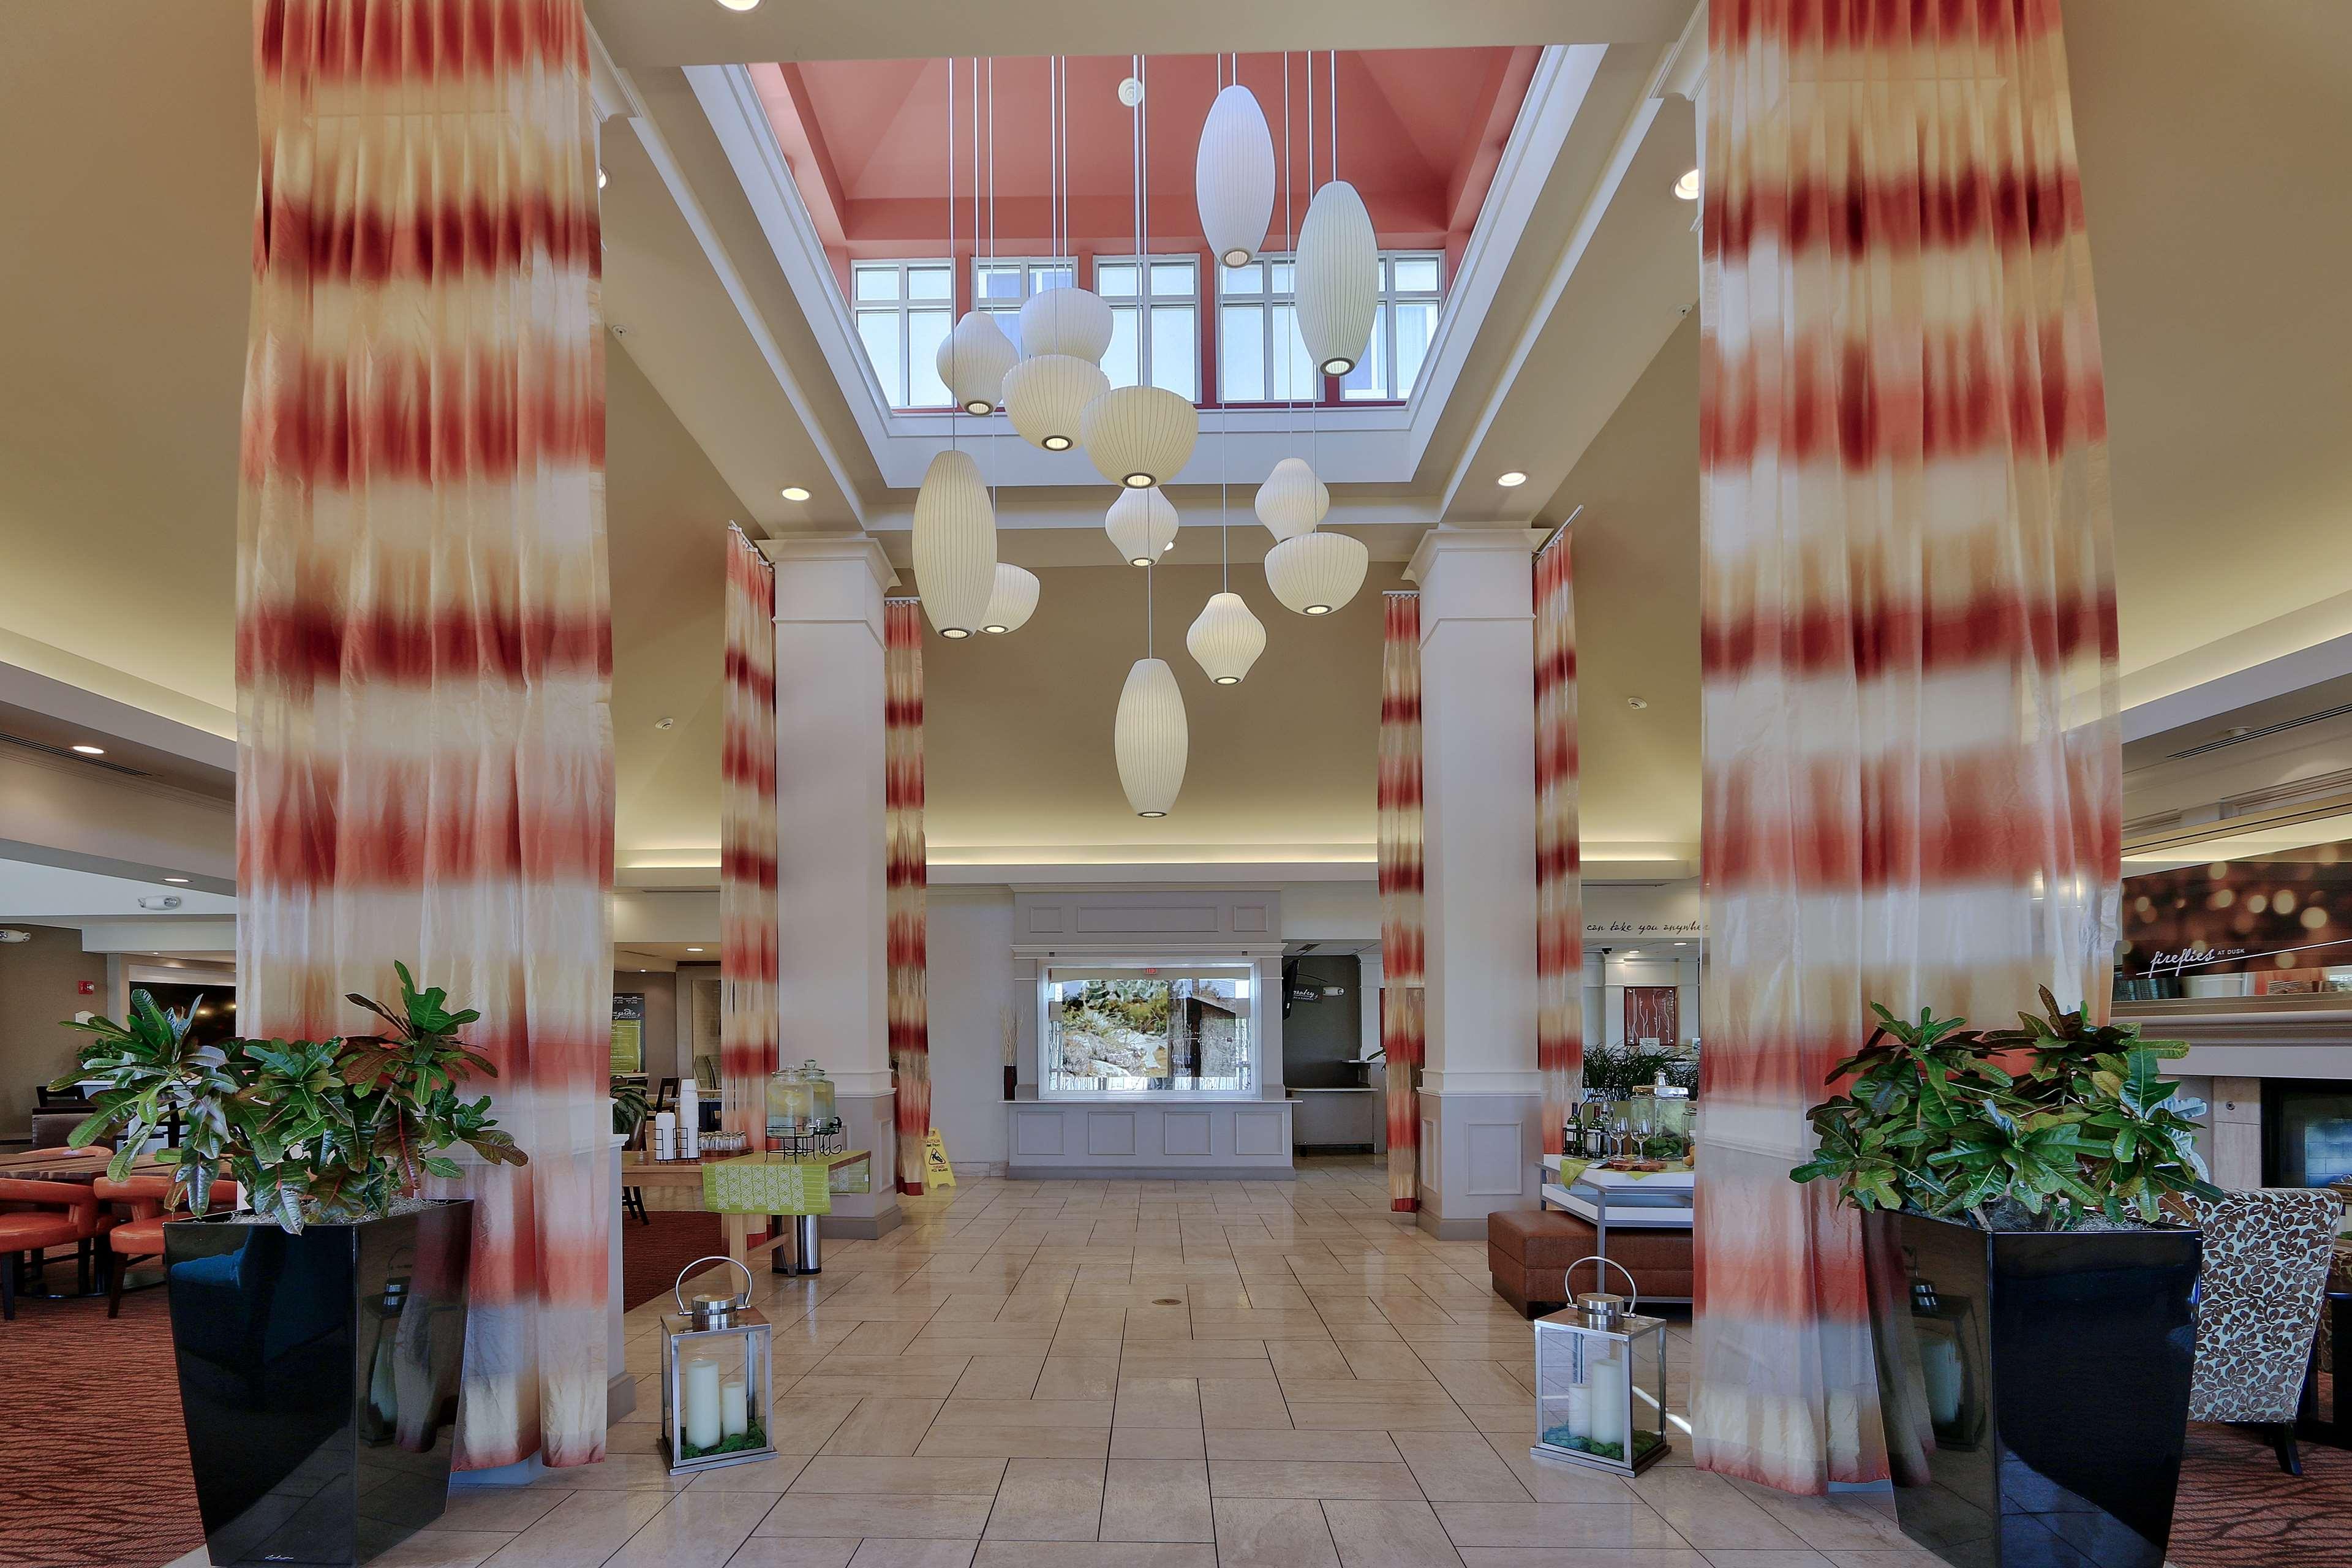 Hilton Garden Inn Albuquerque/Journal Center image 3